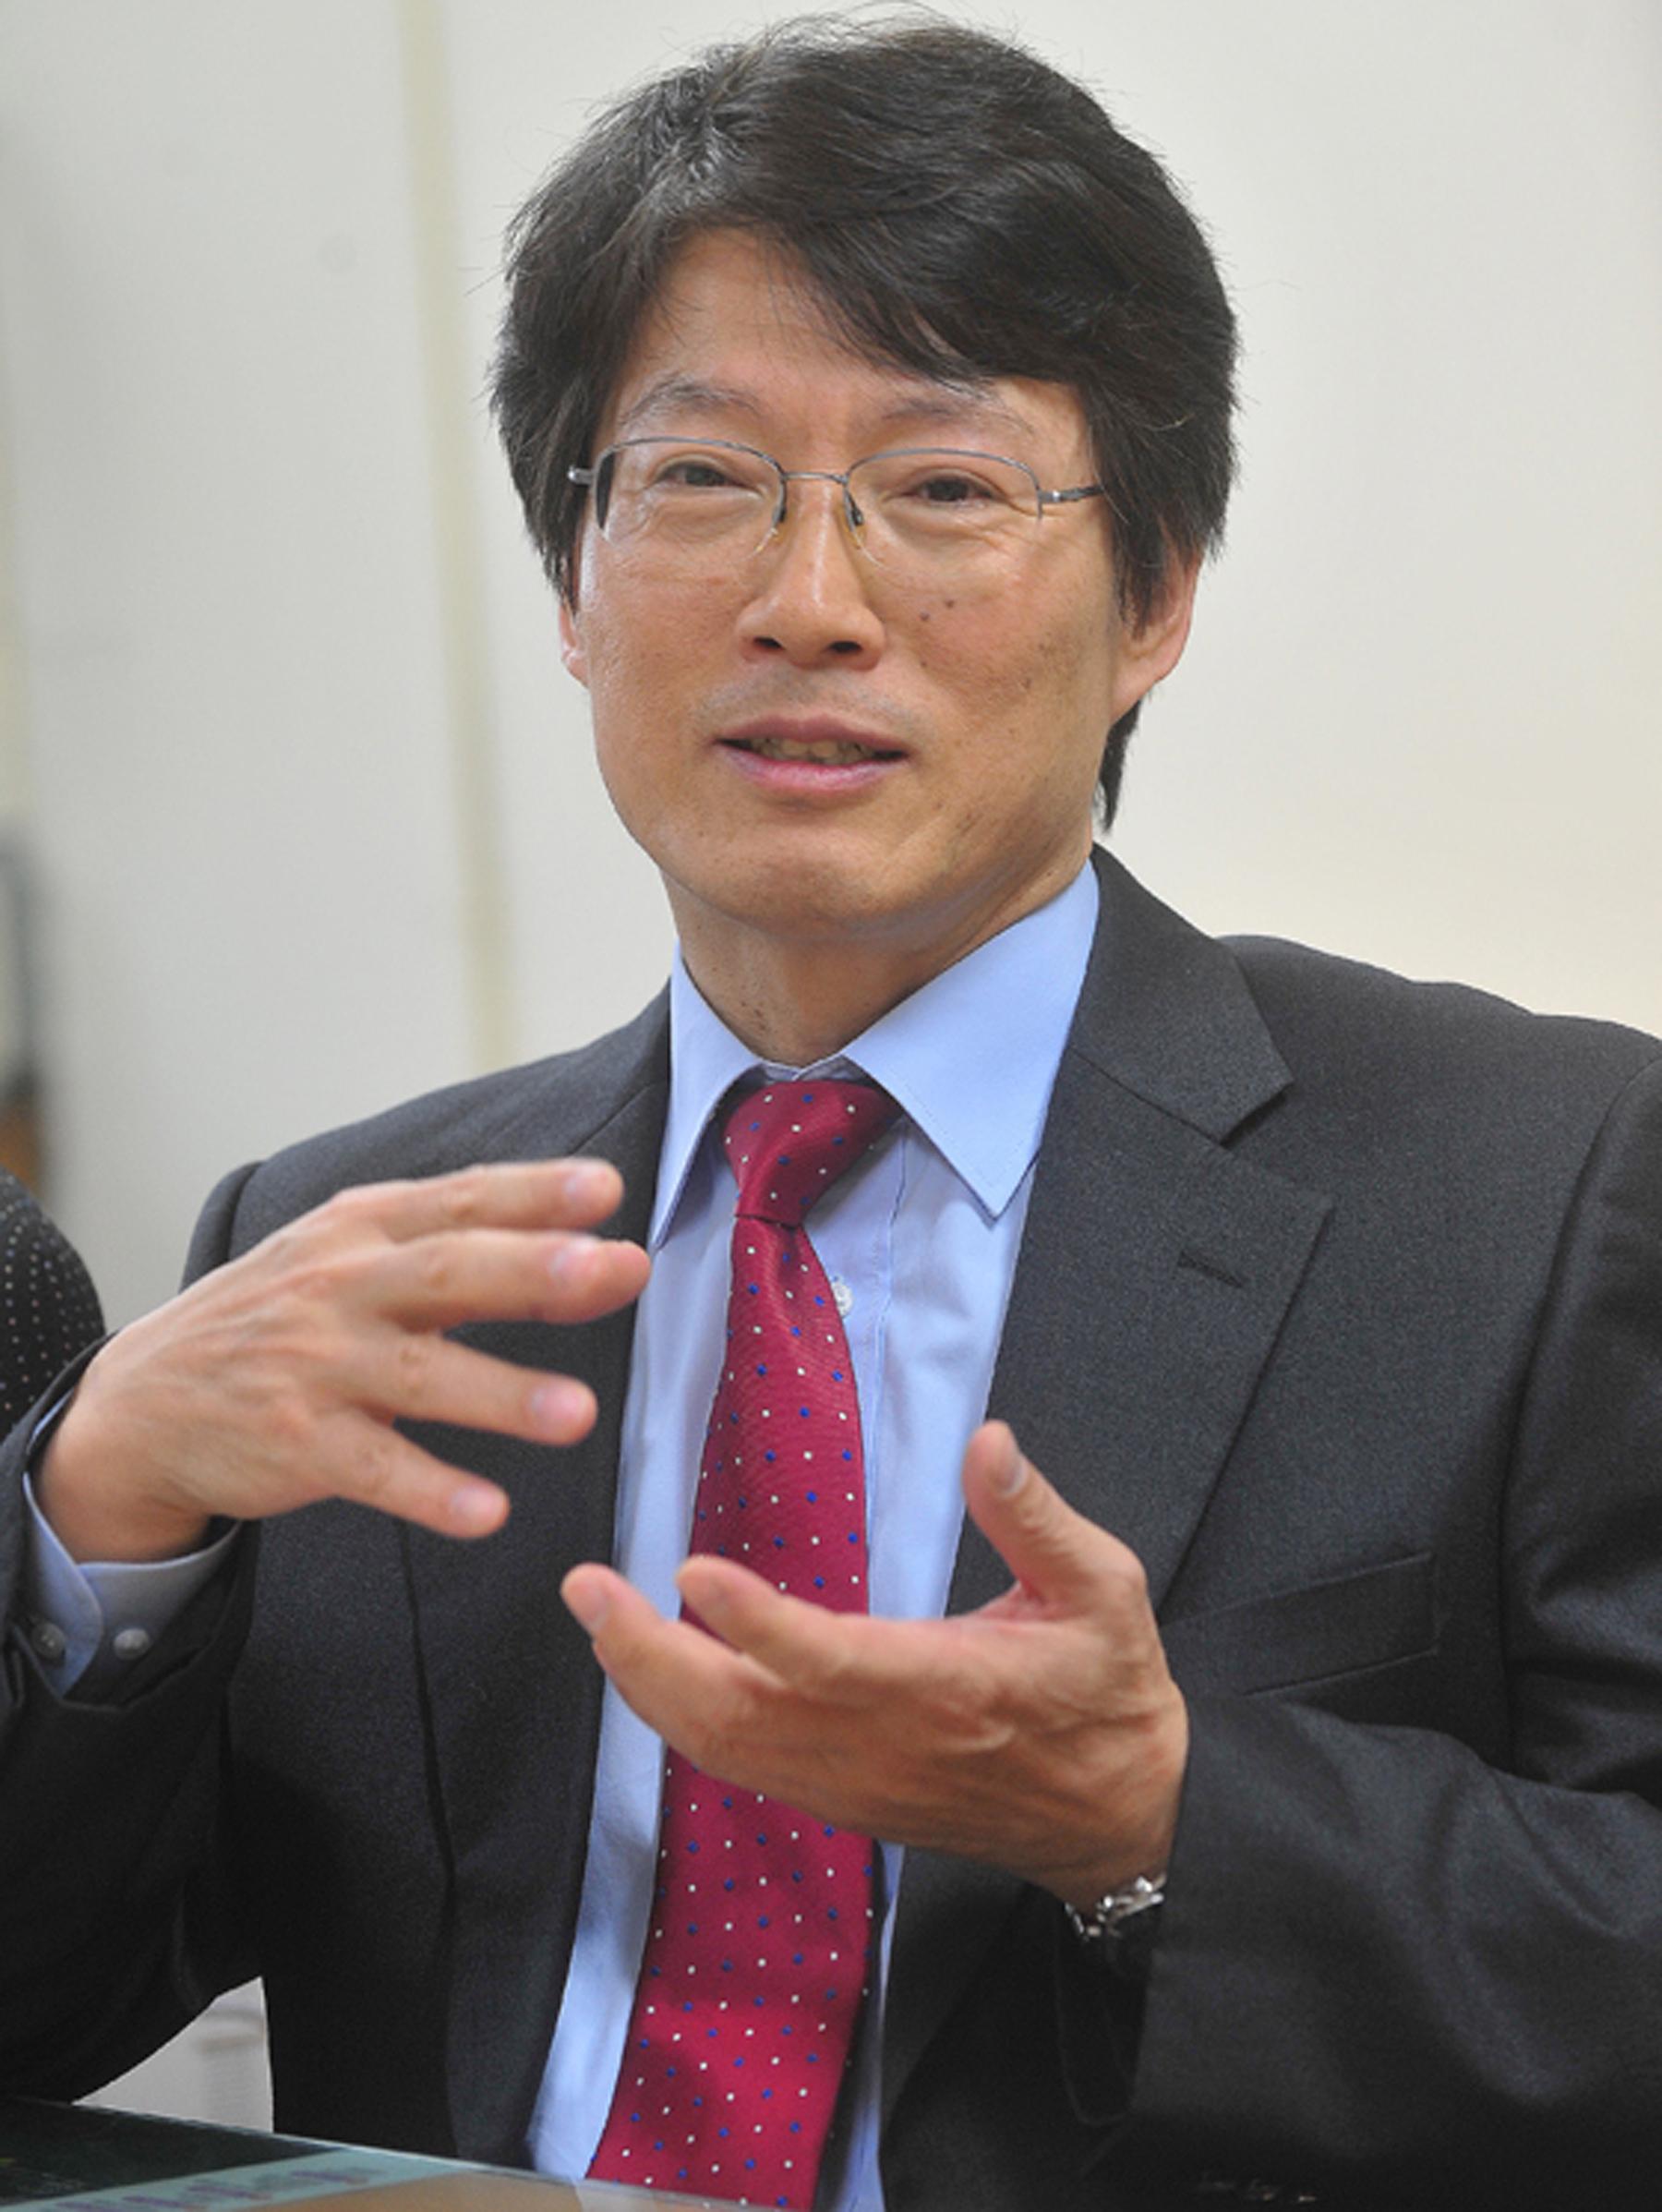 김성동 건국대학교 공과대학 유기나노시스템공학과 교수가 한국섬유공학회 제33대 신임 회장으로 선출됐다. 임기는 2016년도 1월부터 1년이다.